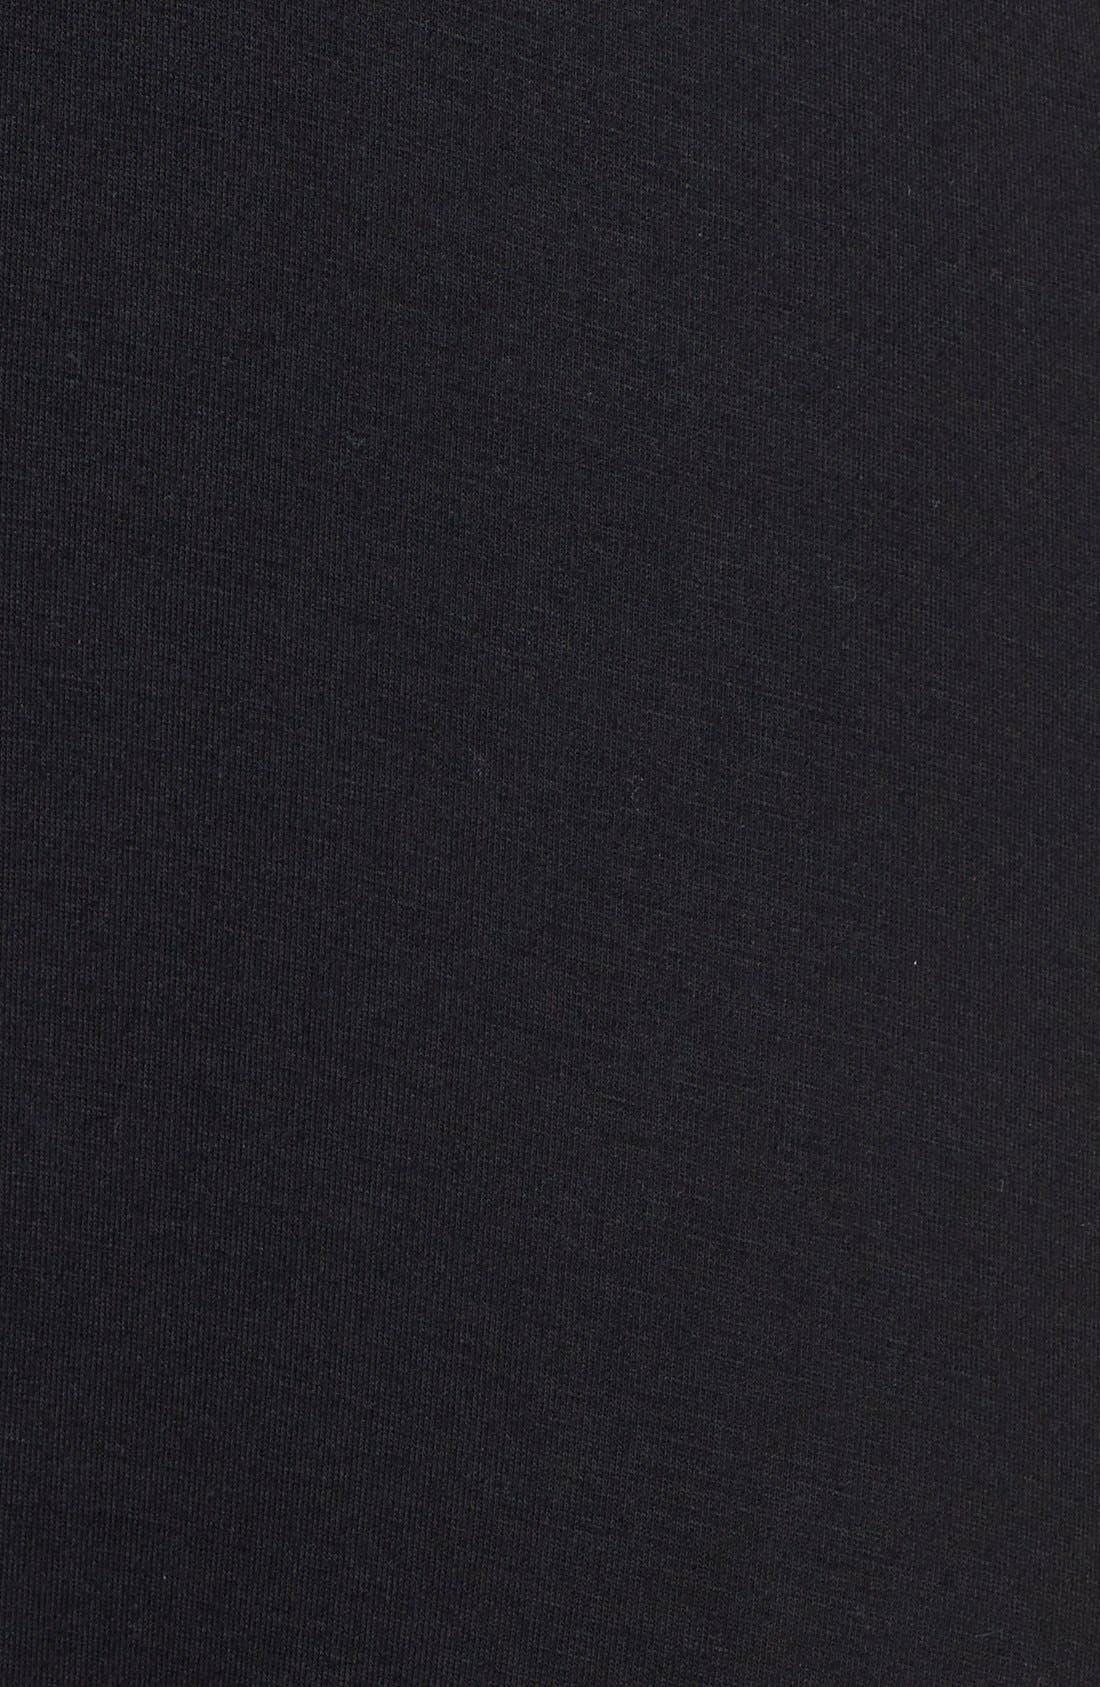 Maxi Dress,                             Alternate thumbnail 9, color,                             BLACK